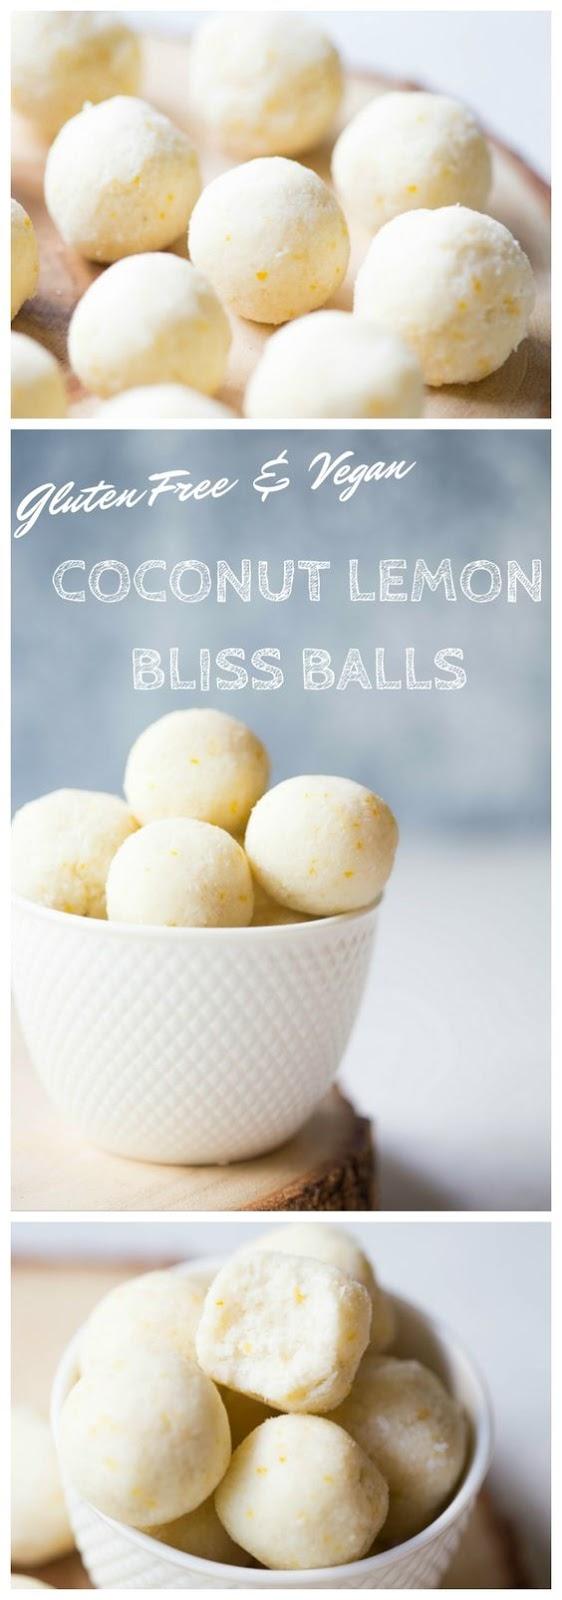 COCONUT LEMON BLISS BALLS